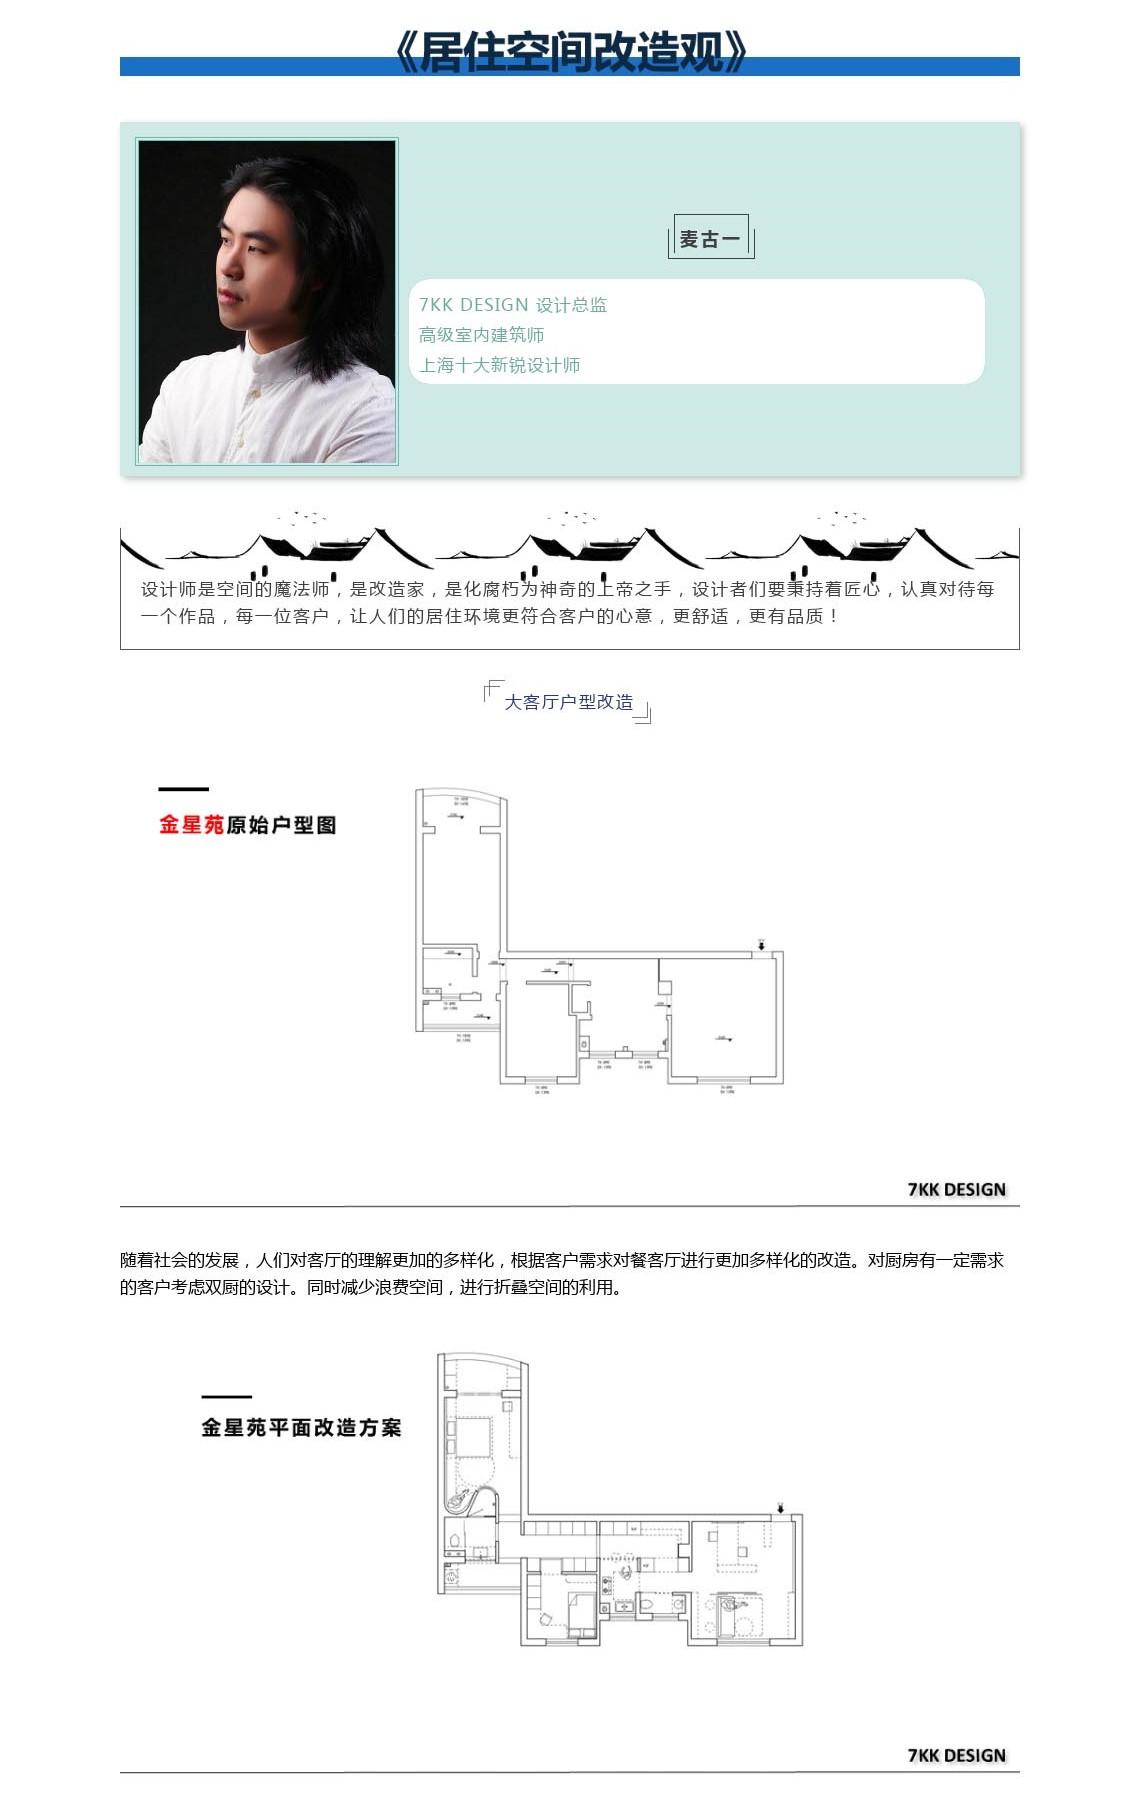 麦古一,7KK DESIGN,设计总监,上海十大新锐设计师,改造,空间魔法,折叠空间